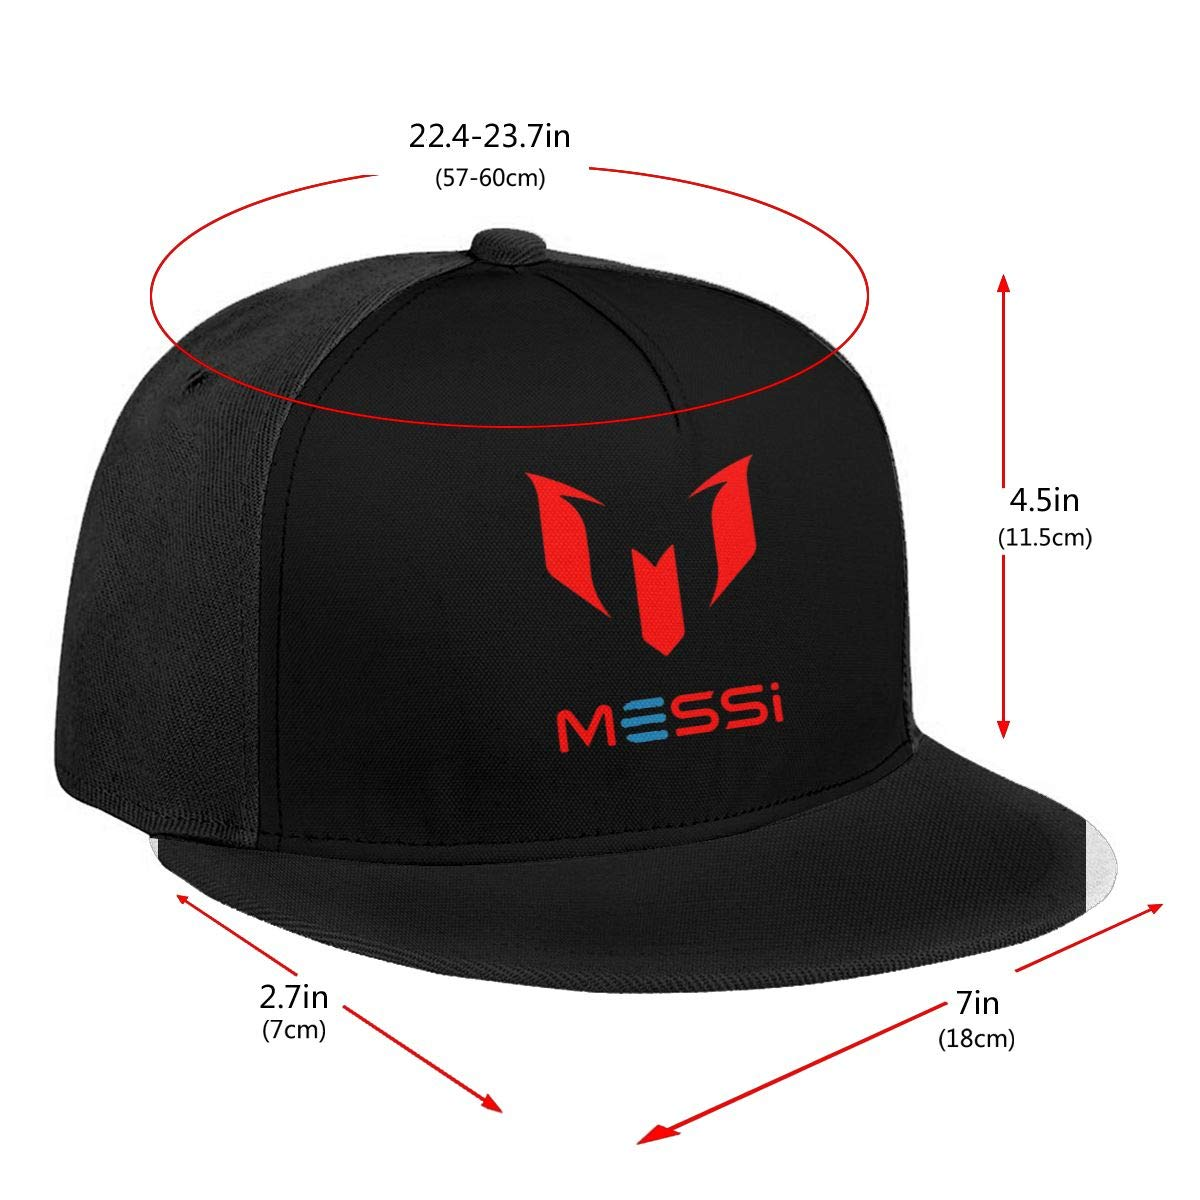 Unisex Adjustable Baseball Caps Lio-nel-Me-SSI-Red-Logo Skull Cap